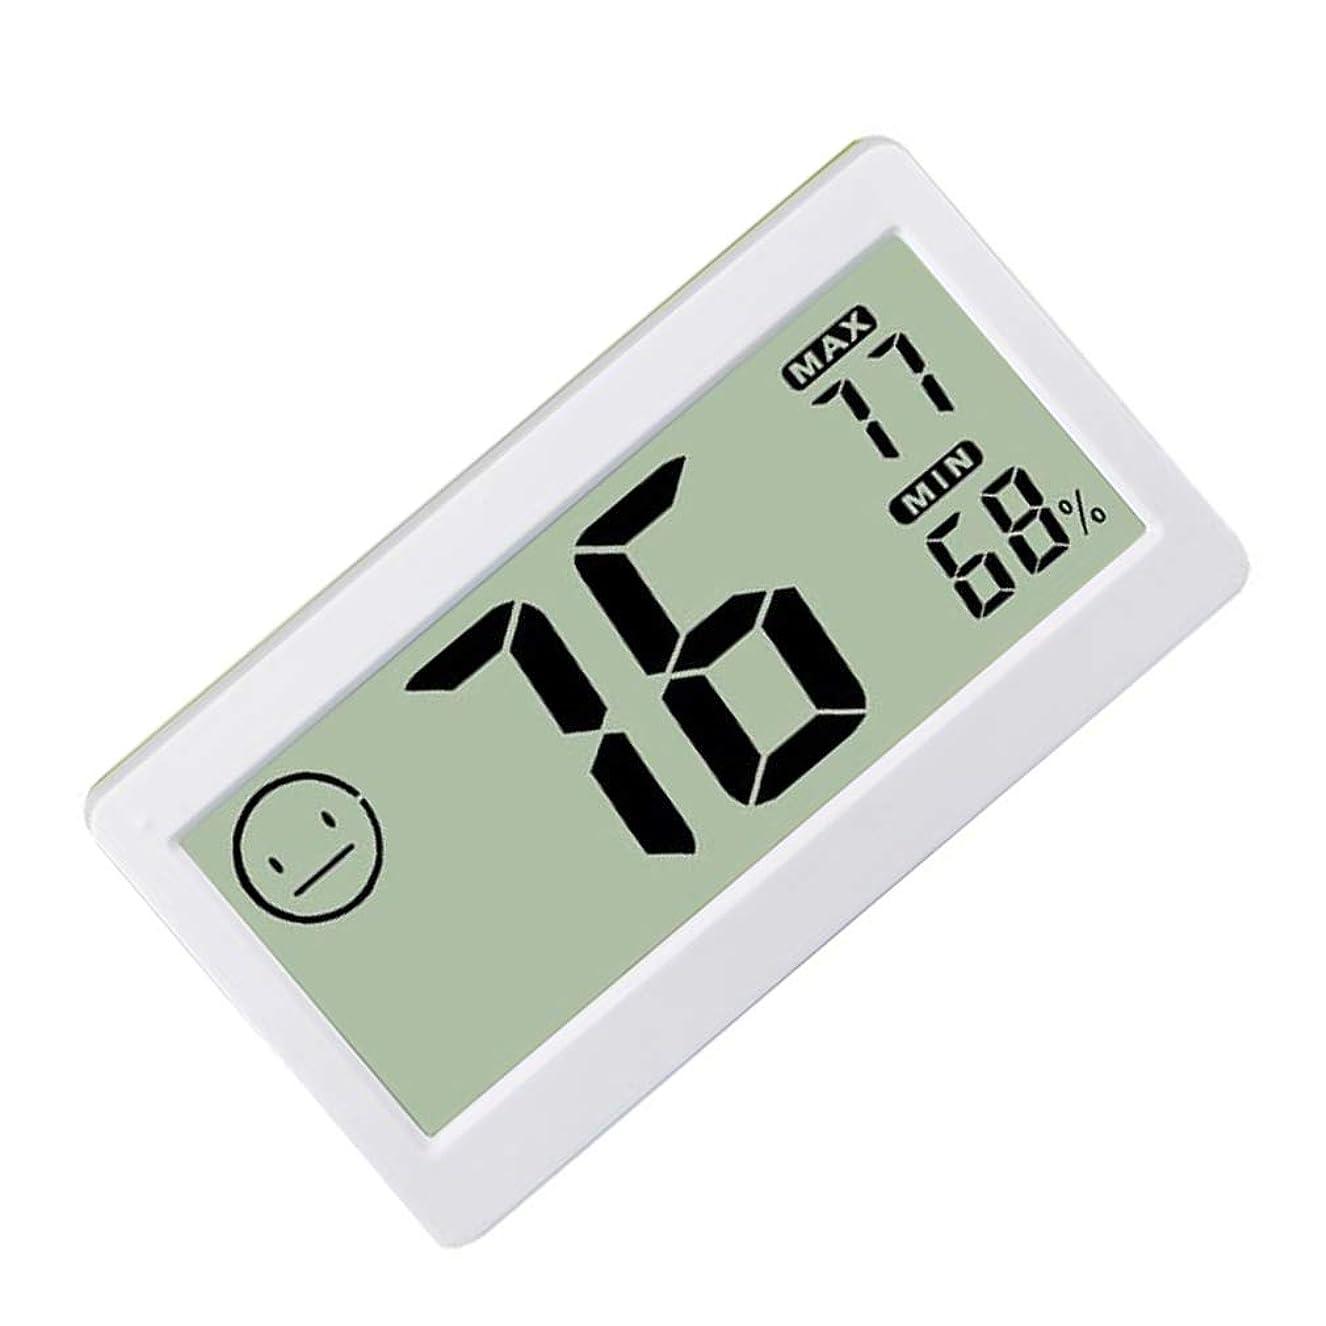 アデレードファーム謝罪デジタル温度計 小型 デジタル 磁性吸着 冷蔵庫 高精度 室内 屋外 温度計 湿度計